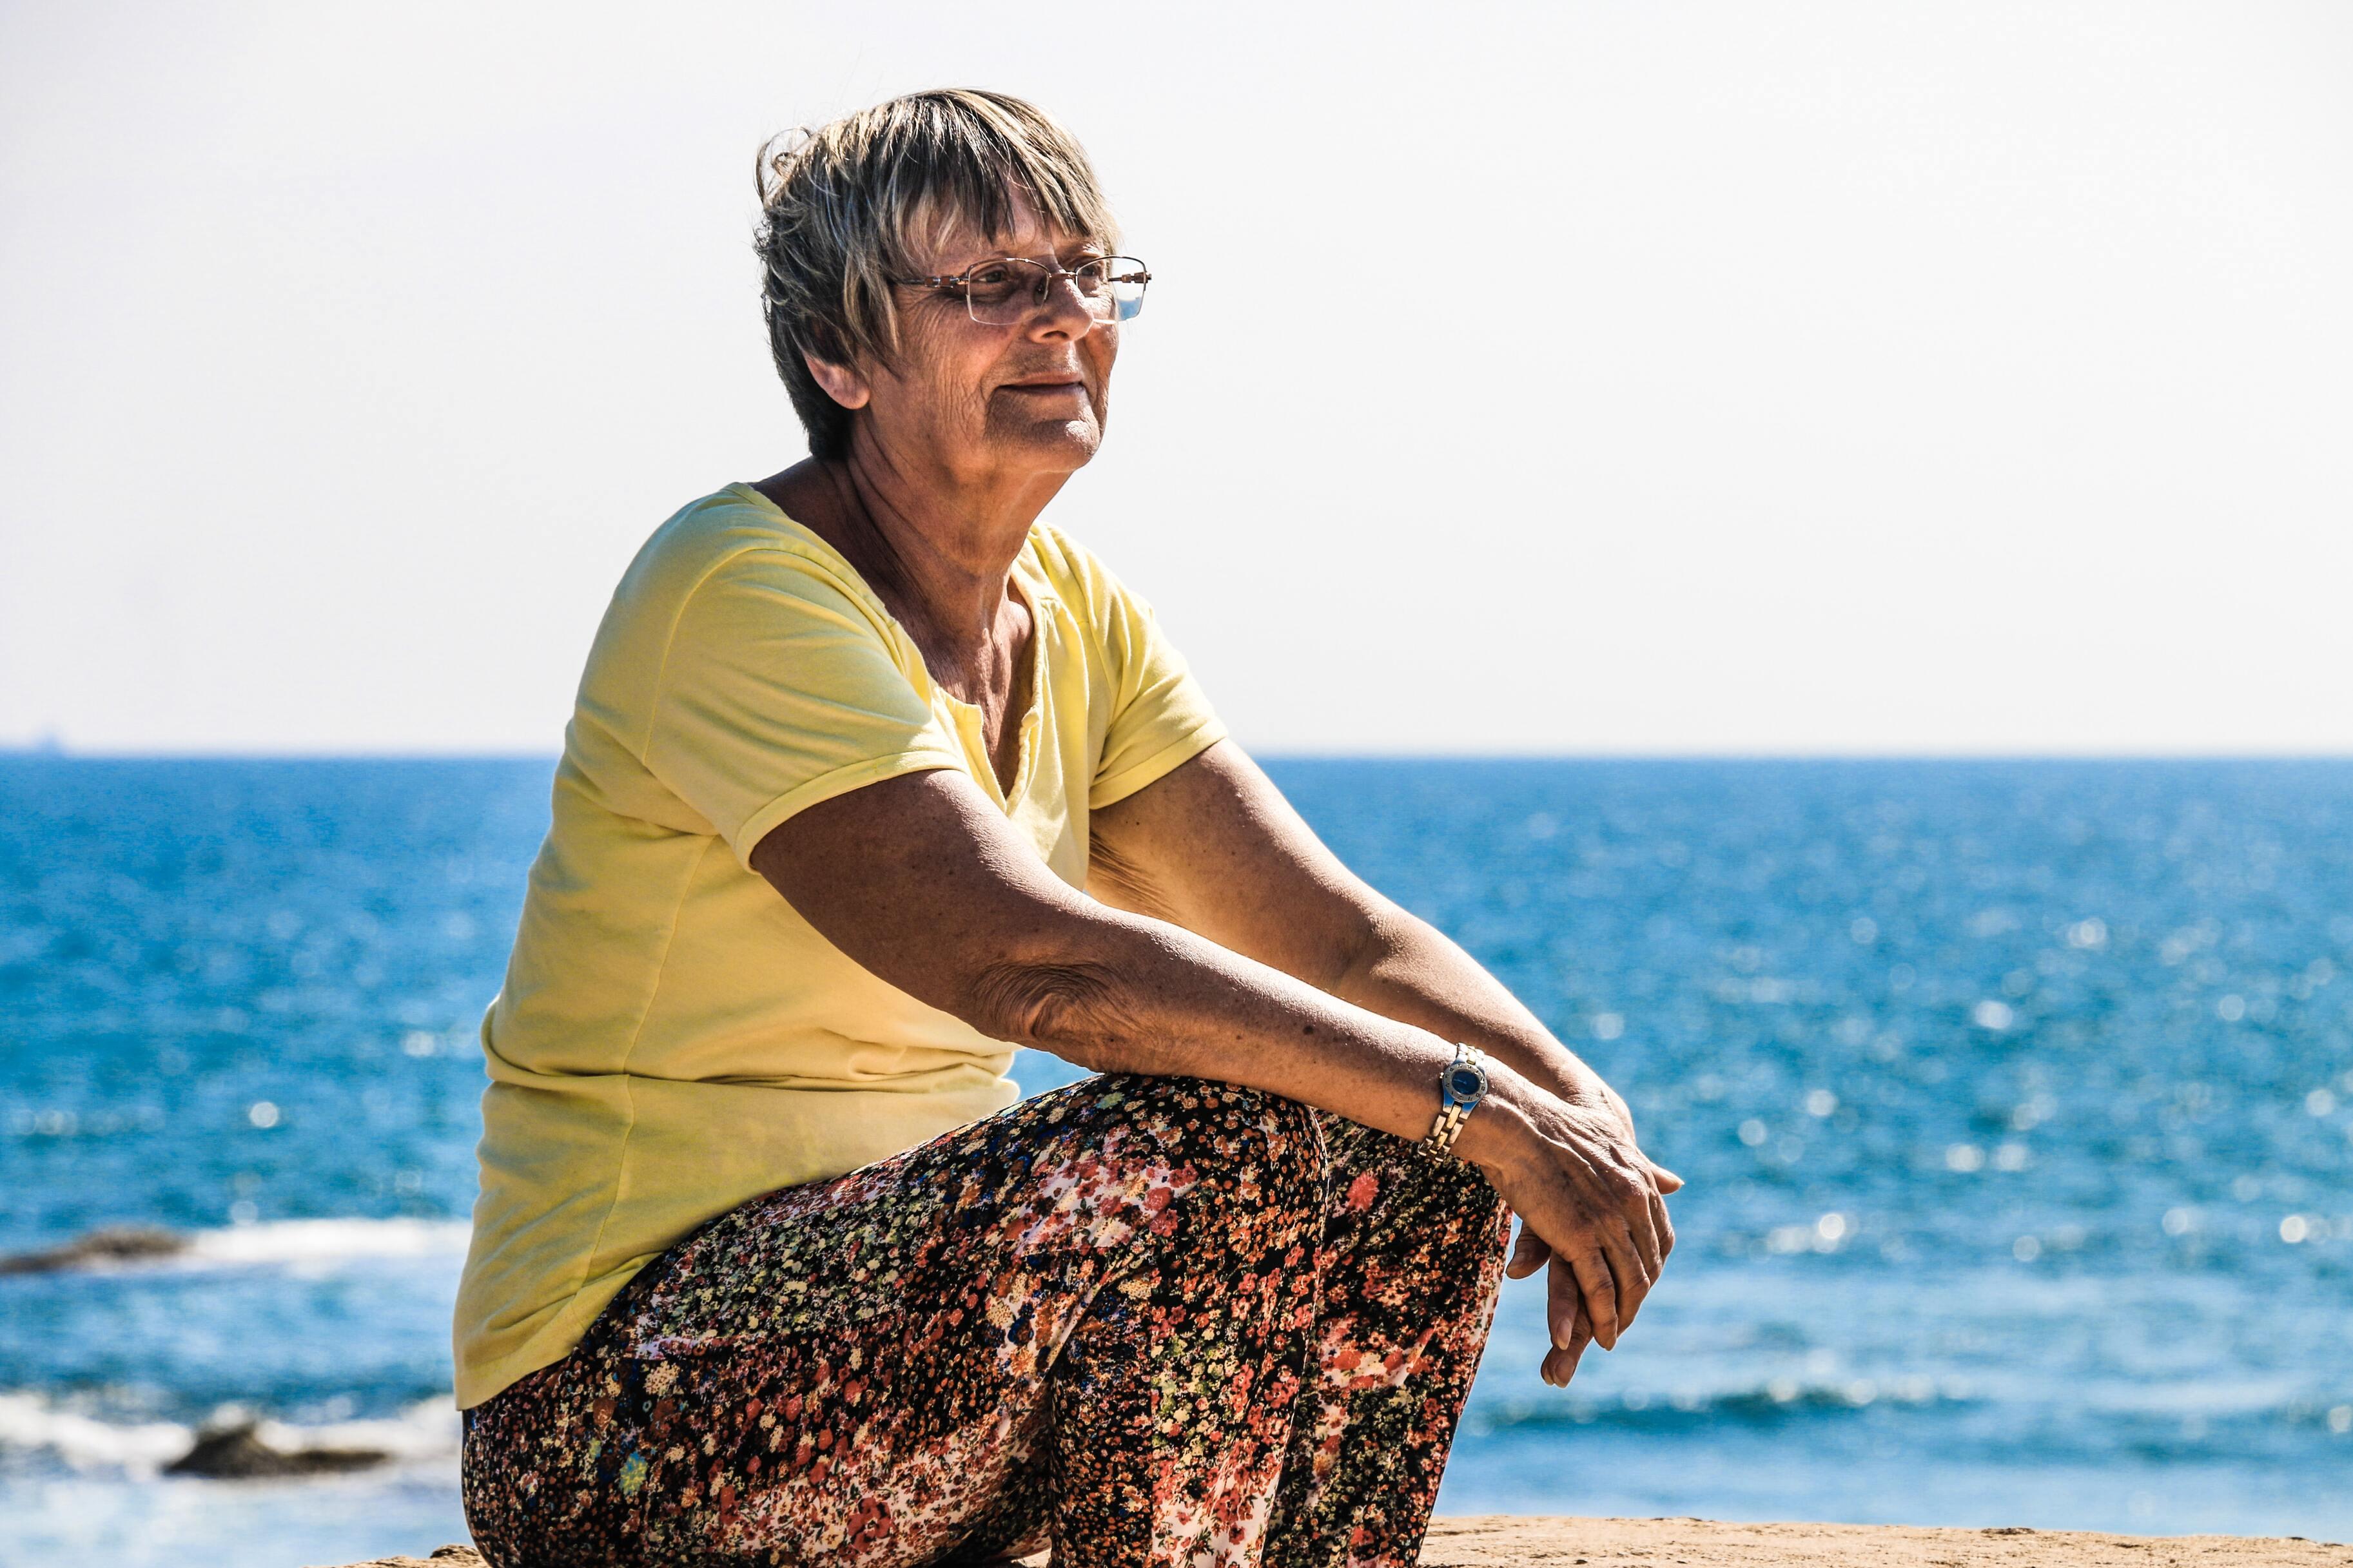 Пересадка кала помогла замедлить старение мозга